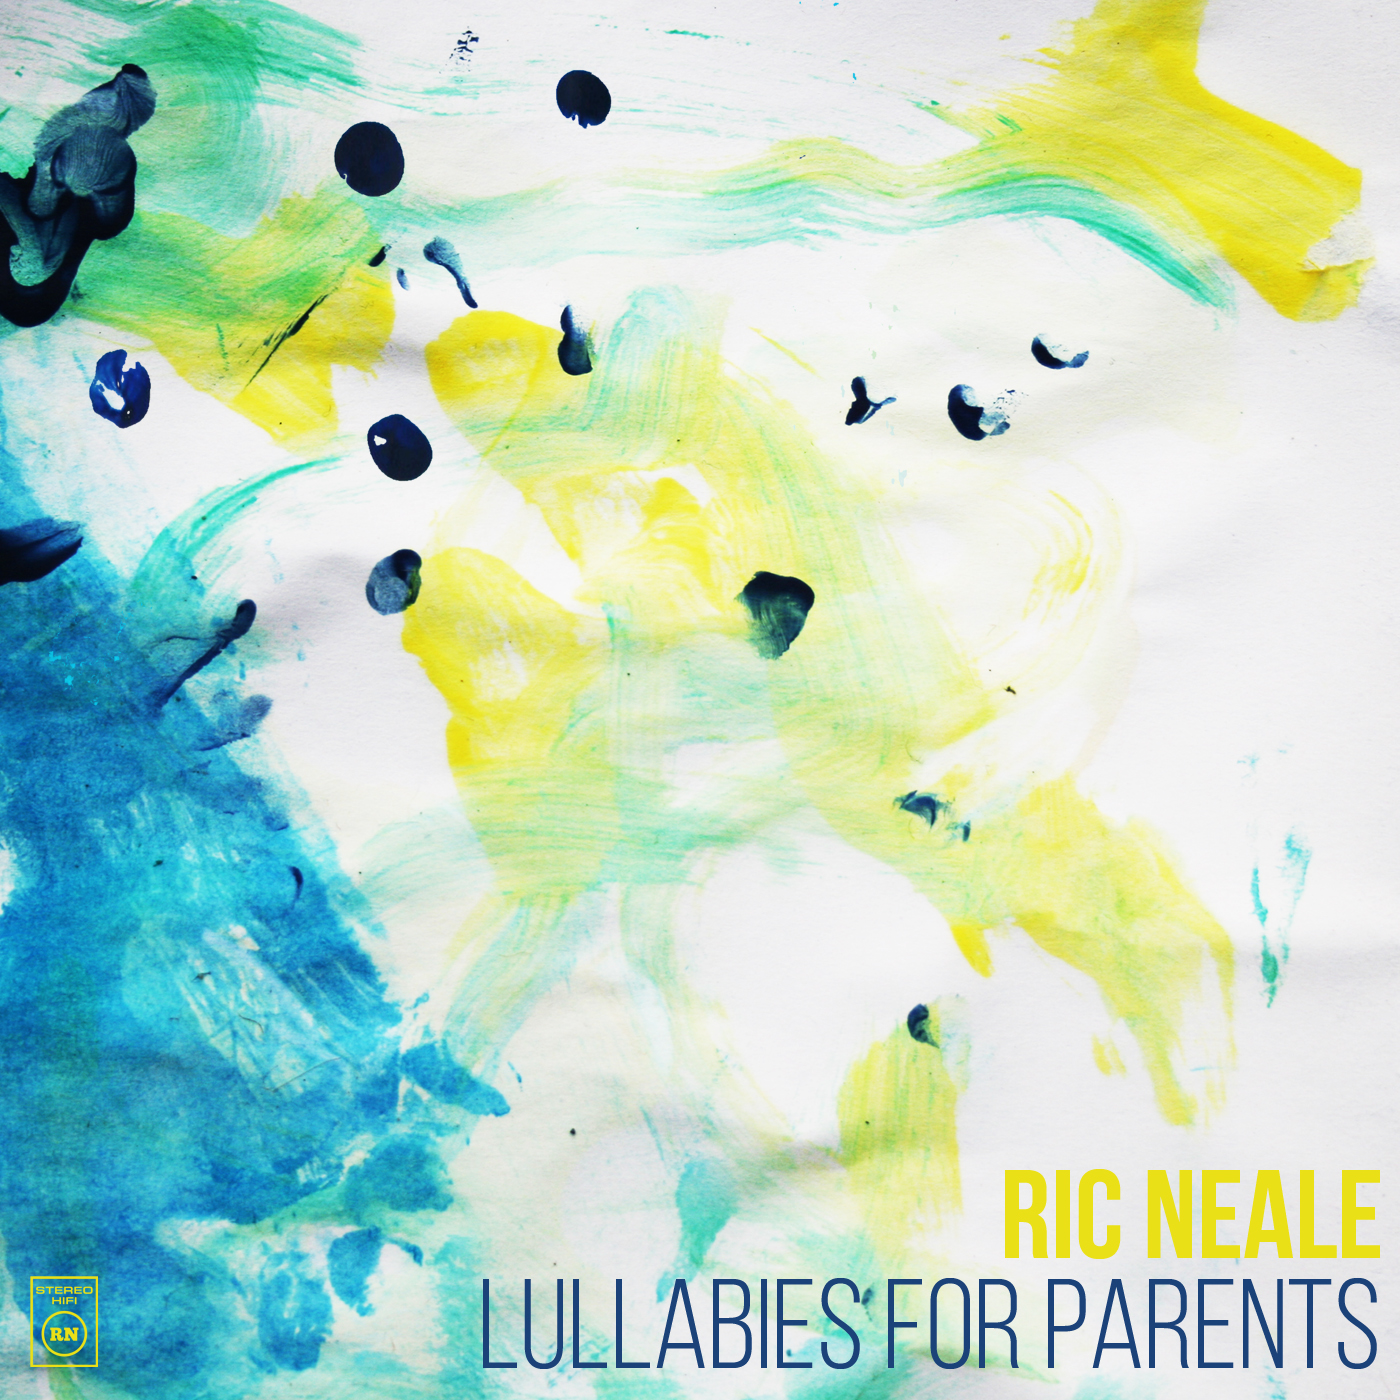 LULLABIES FOR PARENTS